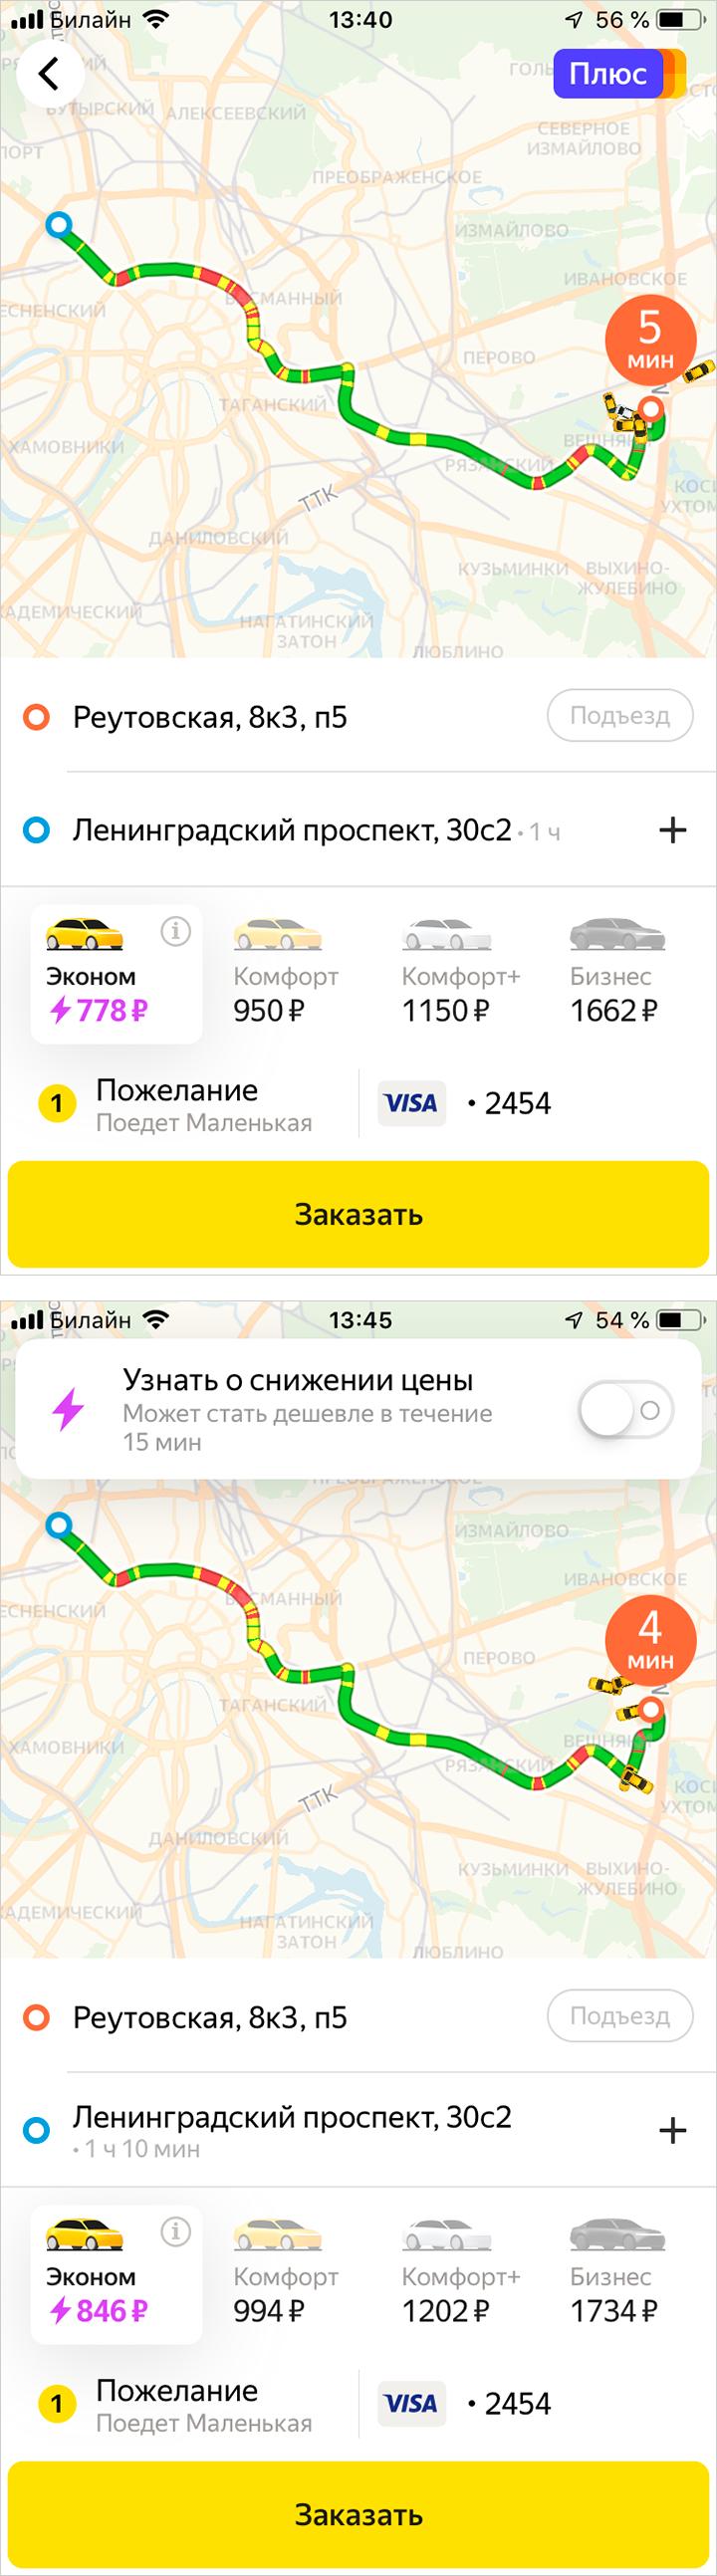 За пять минут цена поездки выросла на 63<span class=ruble>Р</span>